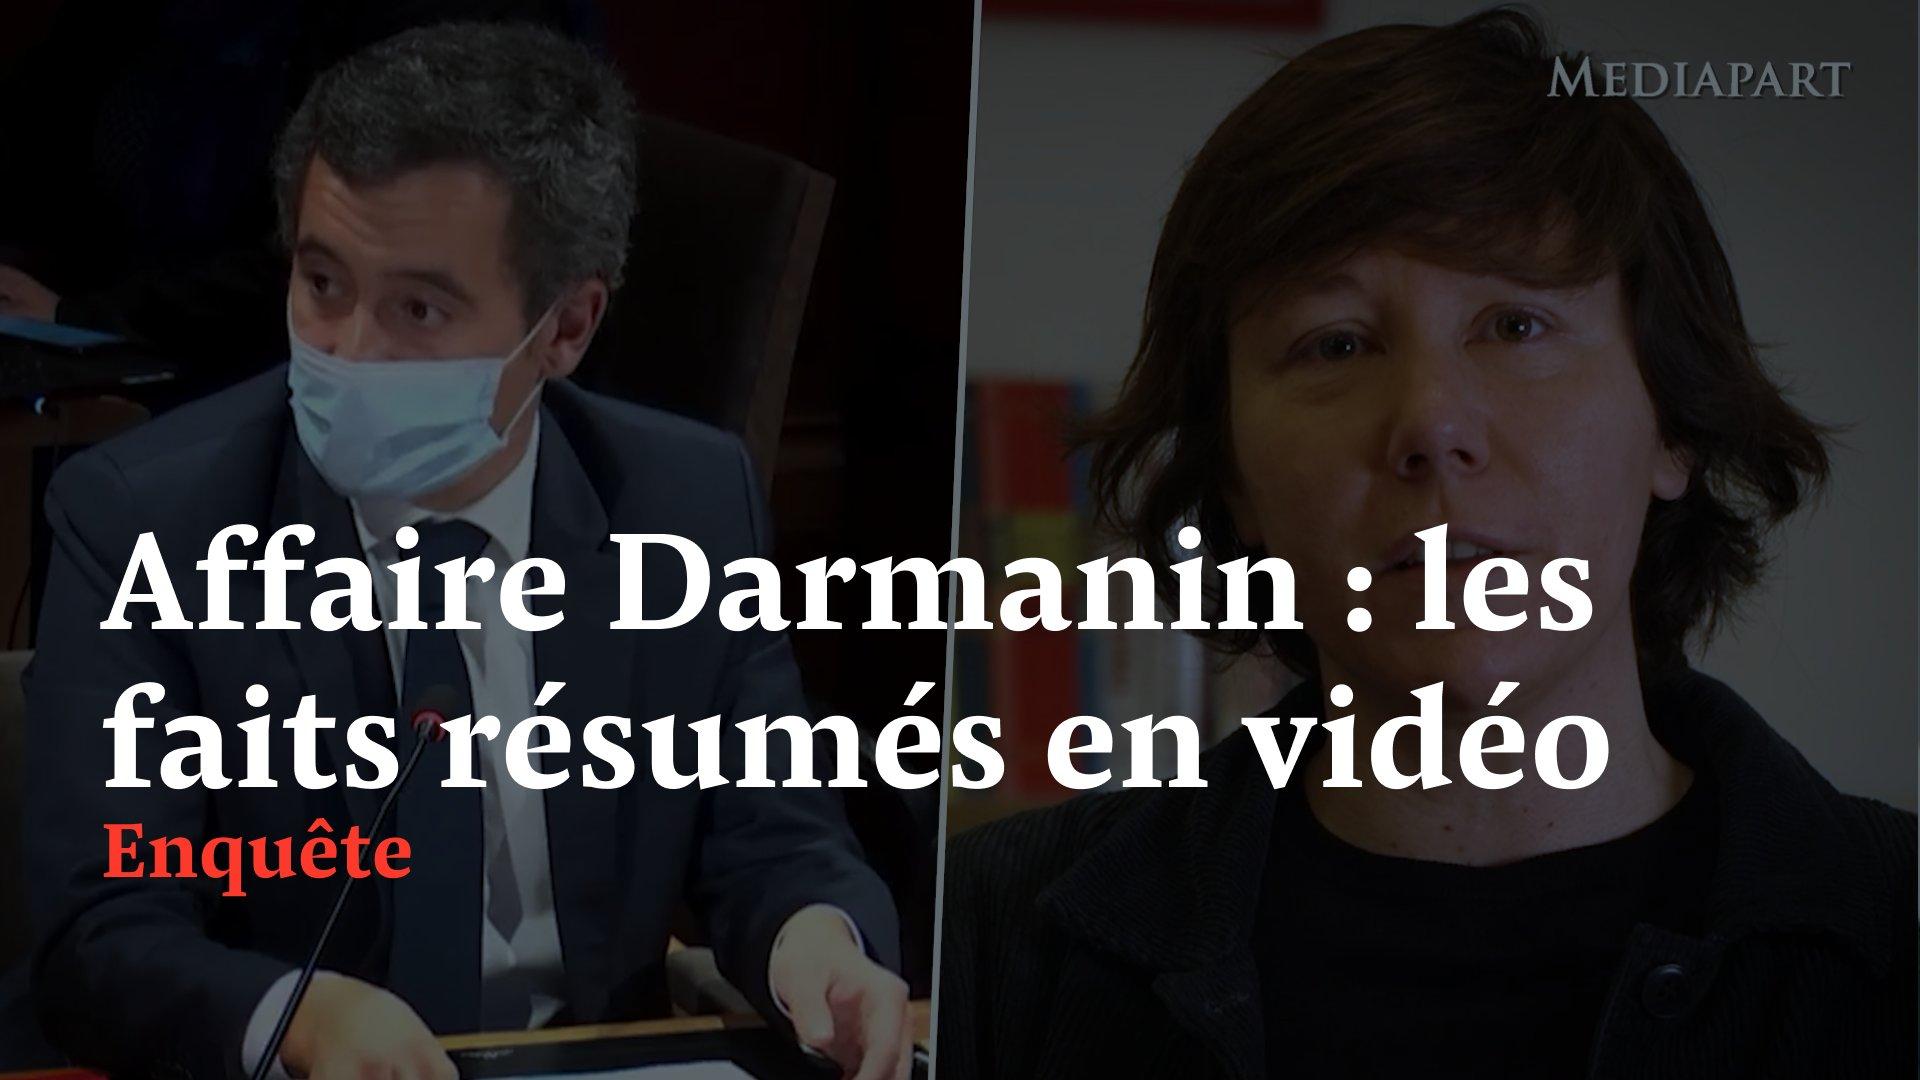 """Le ministre @GDarmanin, pour justifier son attitude avec des femmes sans avoir à entrer dans les détails, assure qu'il a eu """"une vie de jeune homme"""". Cette vidéo de 4 minutes est là pour rappeler les faits. Ils parlent d'eux-memes https://t.co/XXOGLgbII0"""